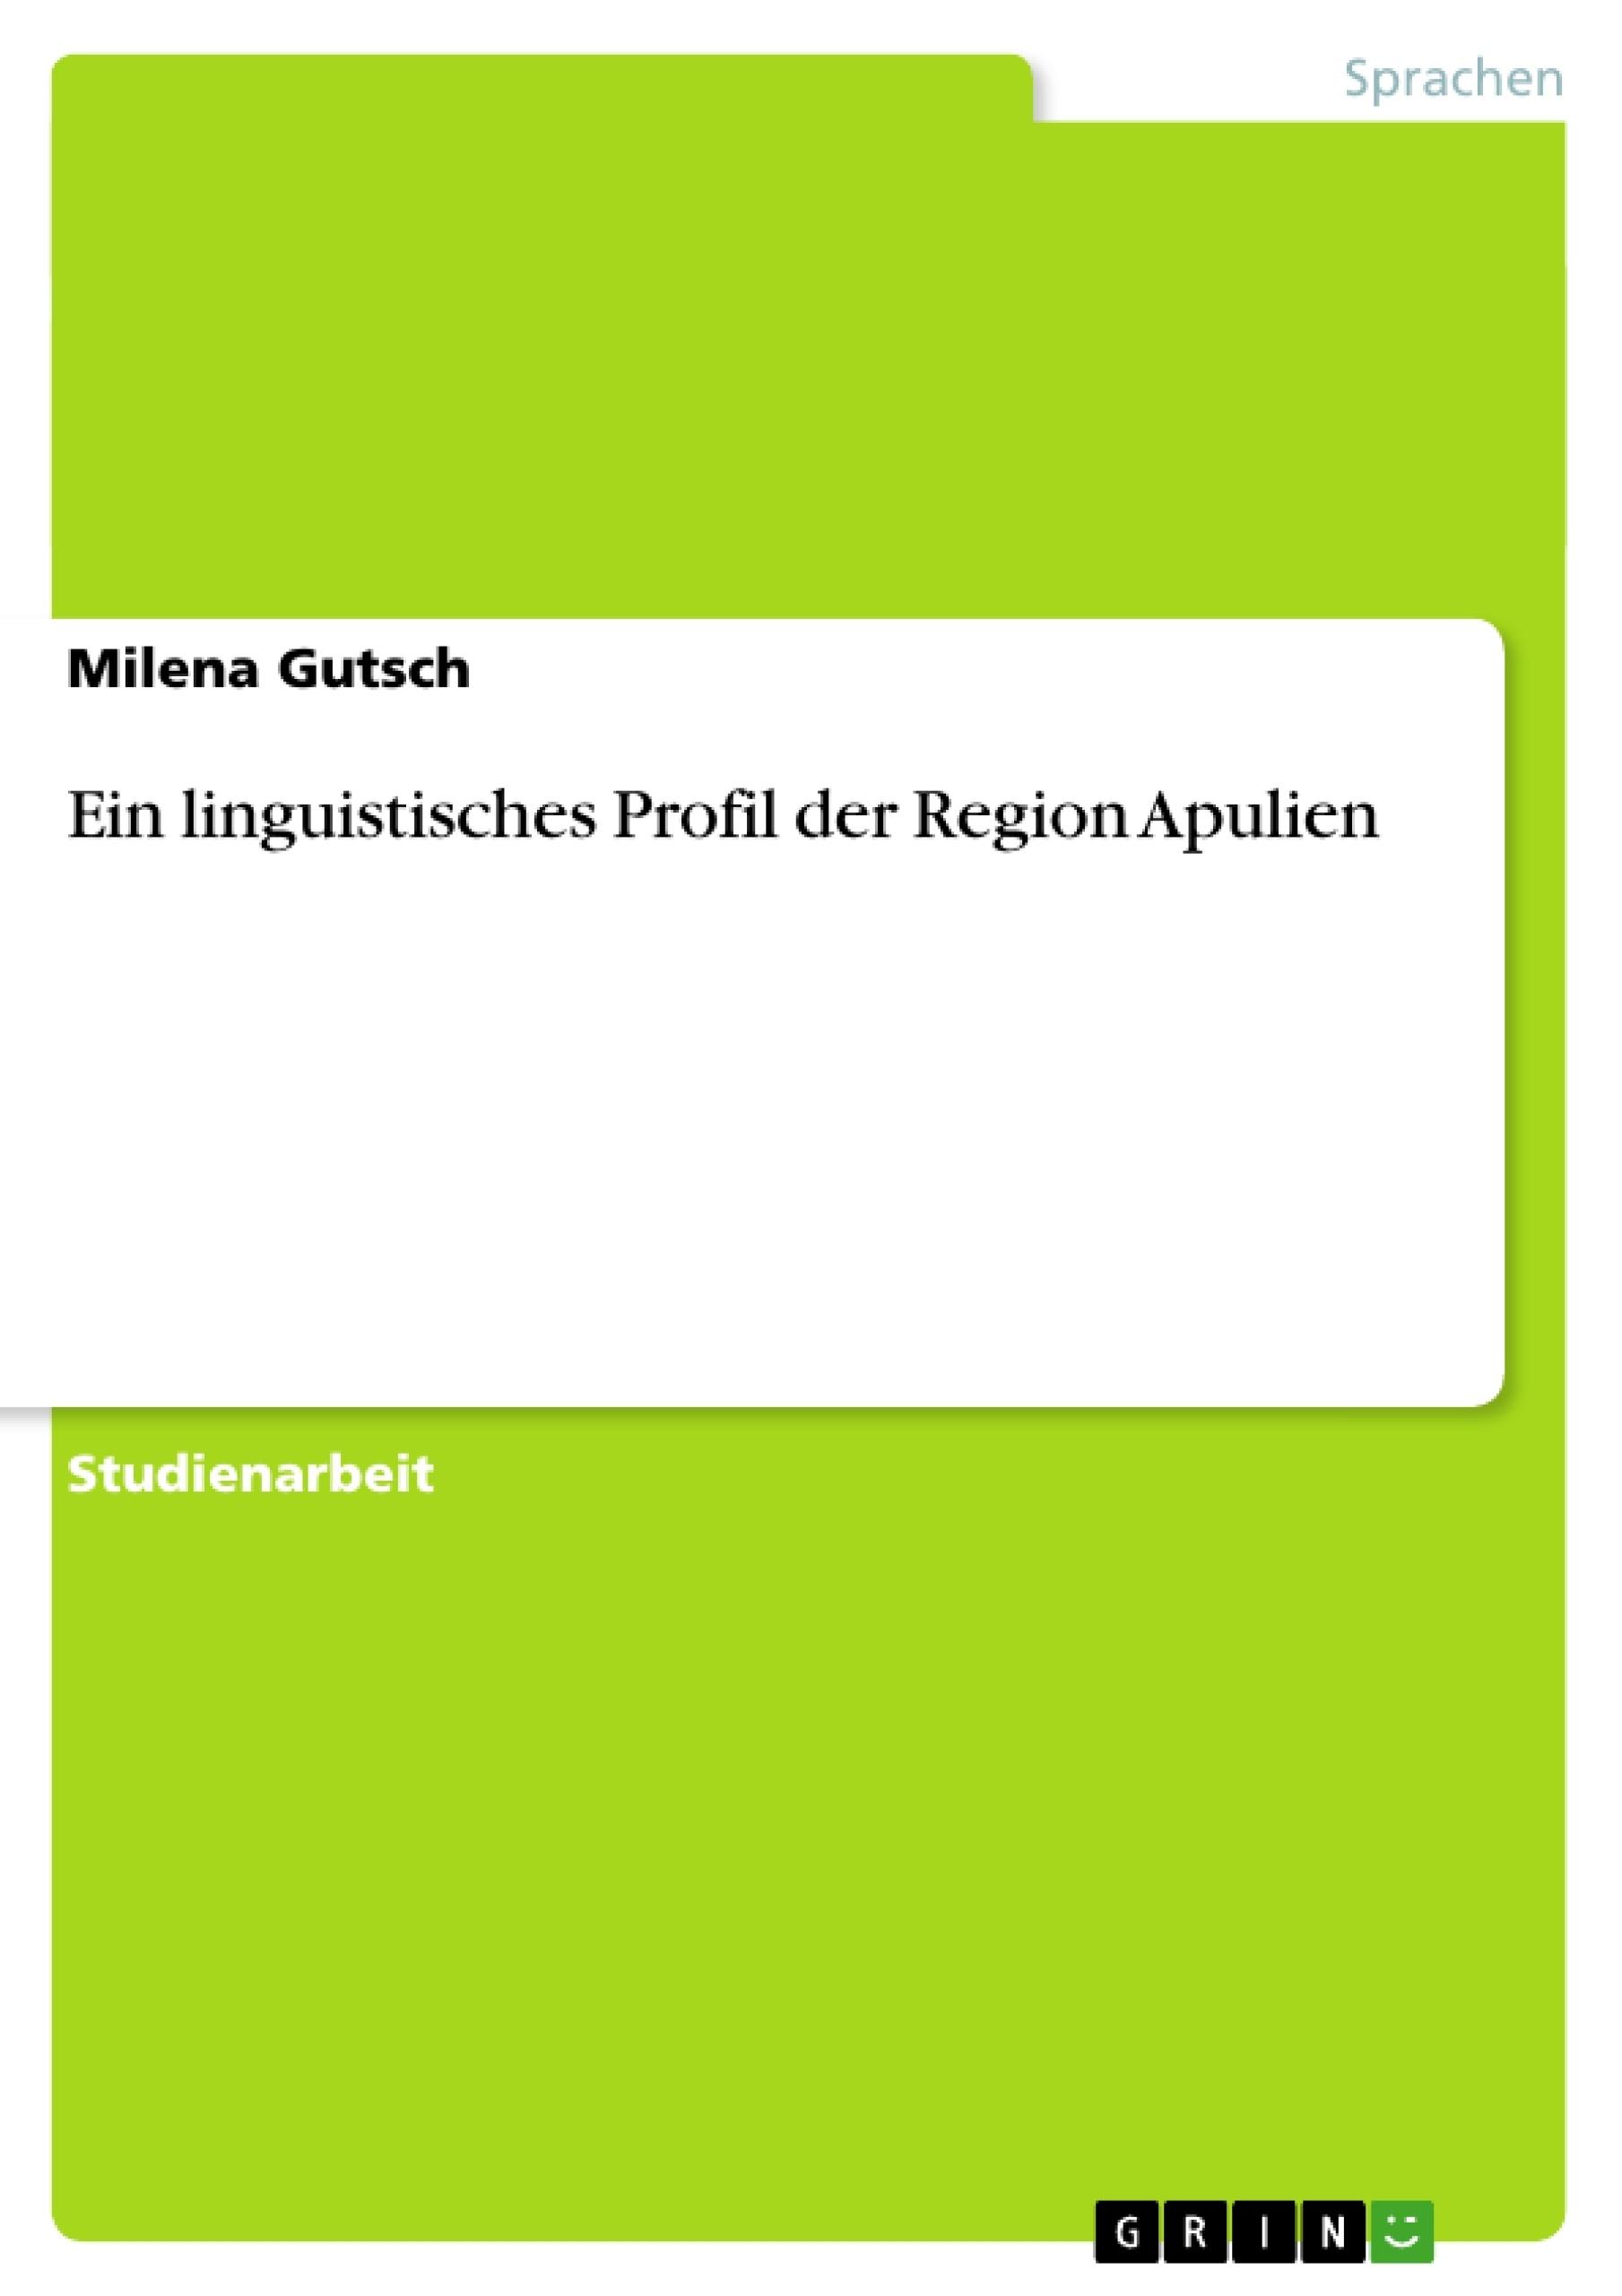 Titel: Ein linguistisches Profil der Region Apulien